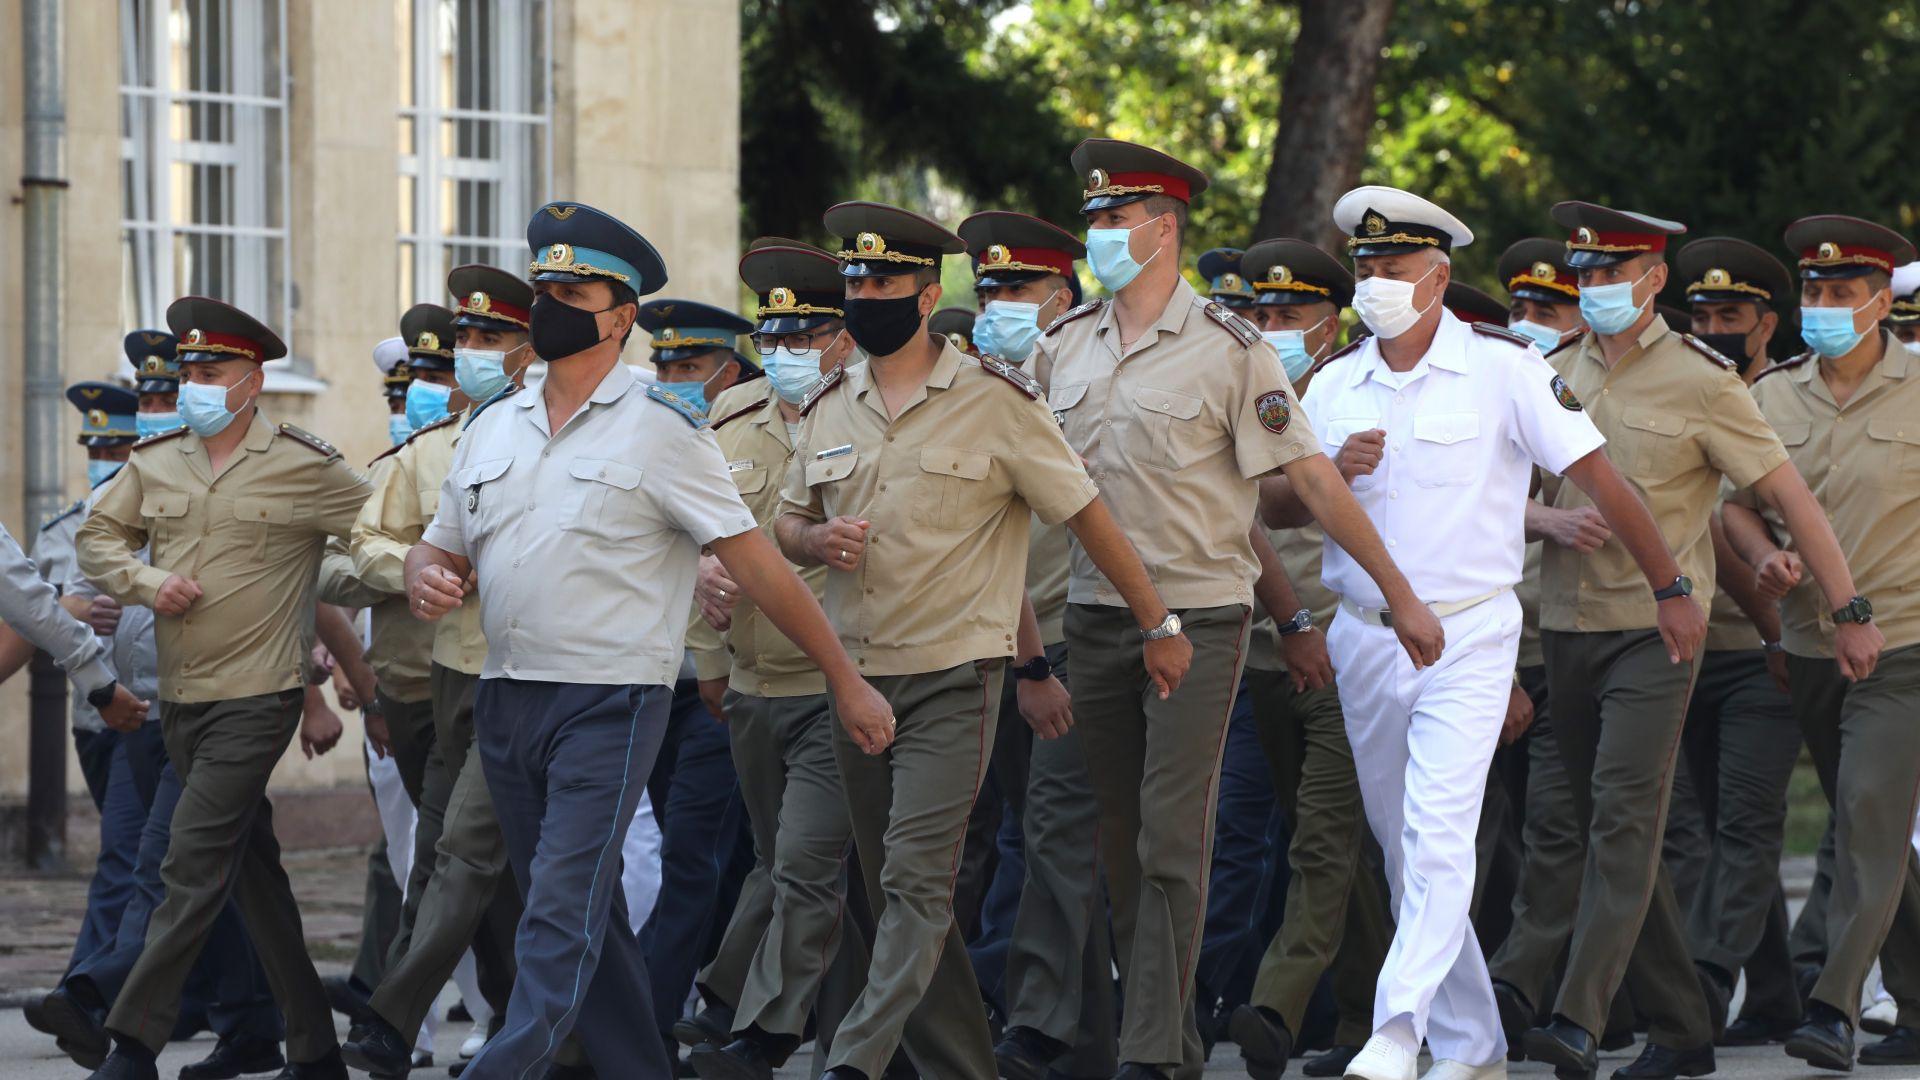 Армията е готова за завръщане на границата,  търси 9,6 млн. лв. за охраната до края на годината